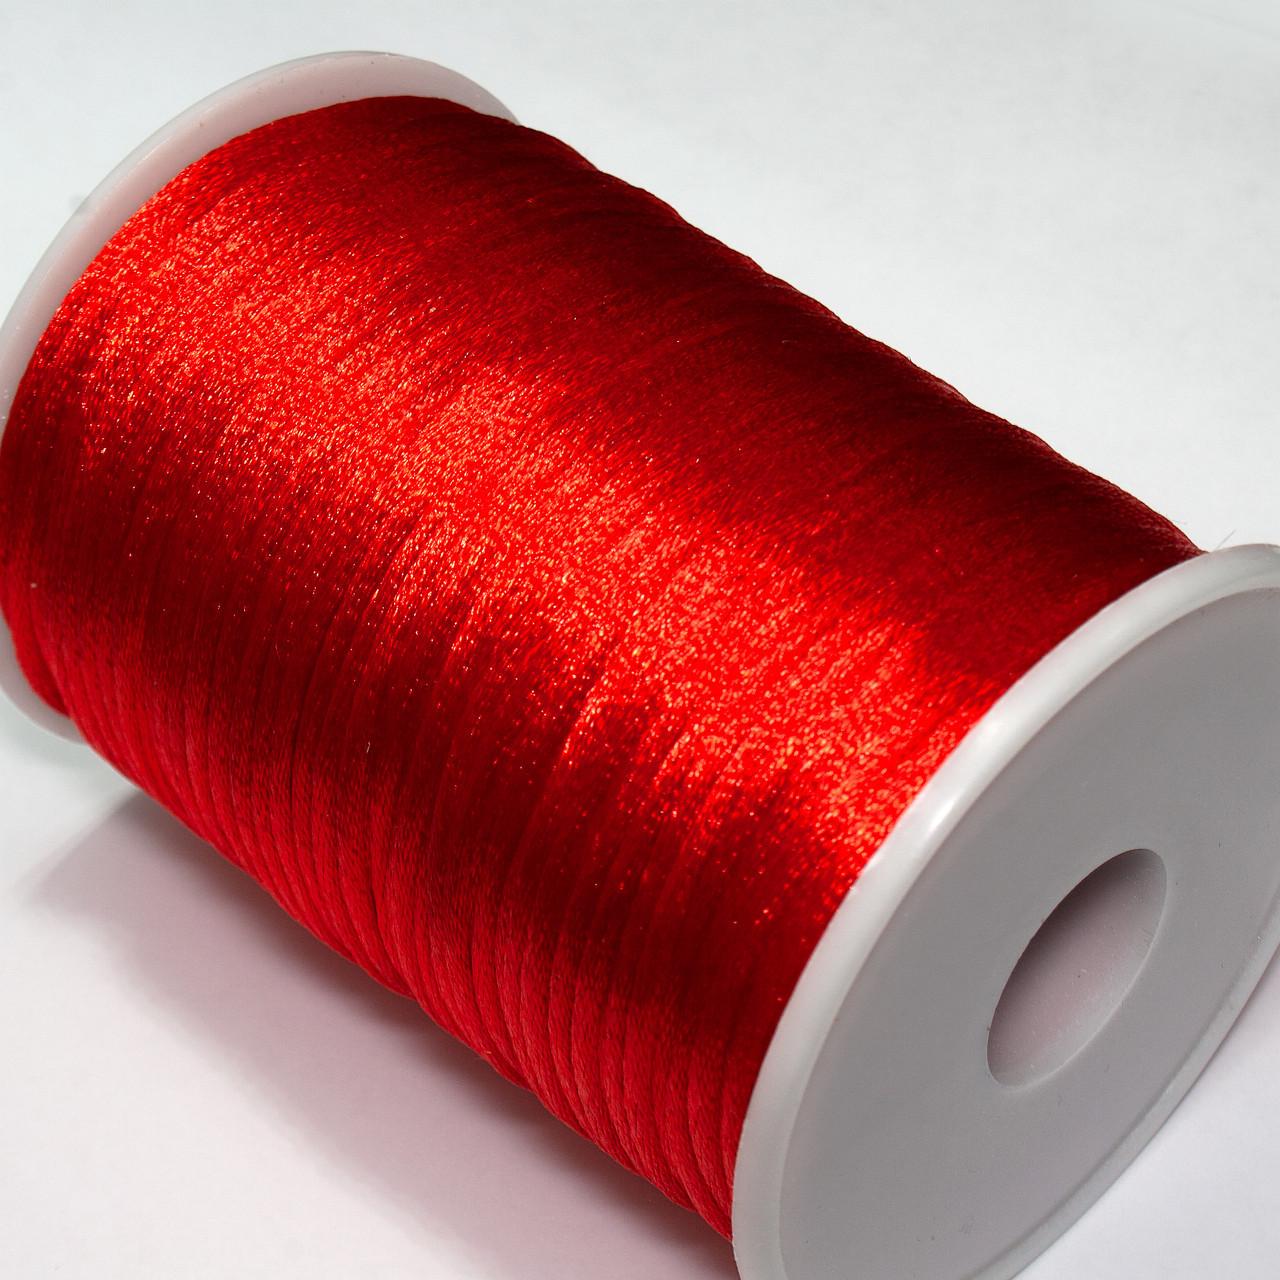 Шнур корсетный (сатиновый, шелковый) 2мм цена за 100 ярдов. Цвет - КРАСНЫЙ